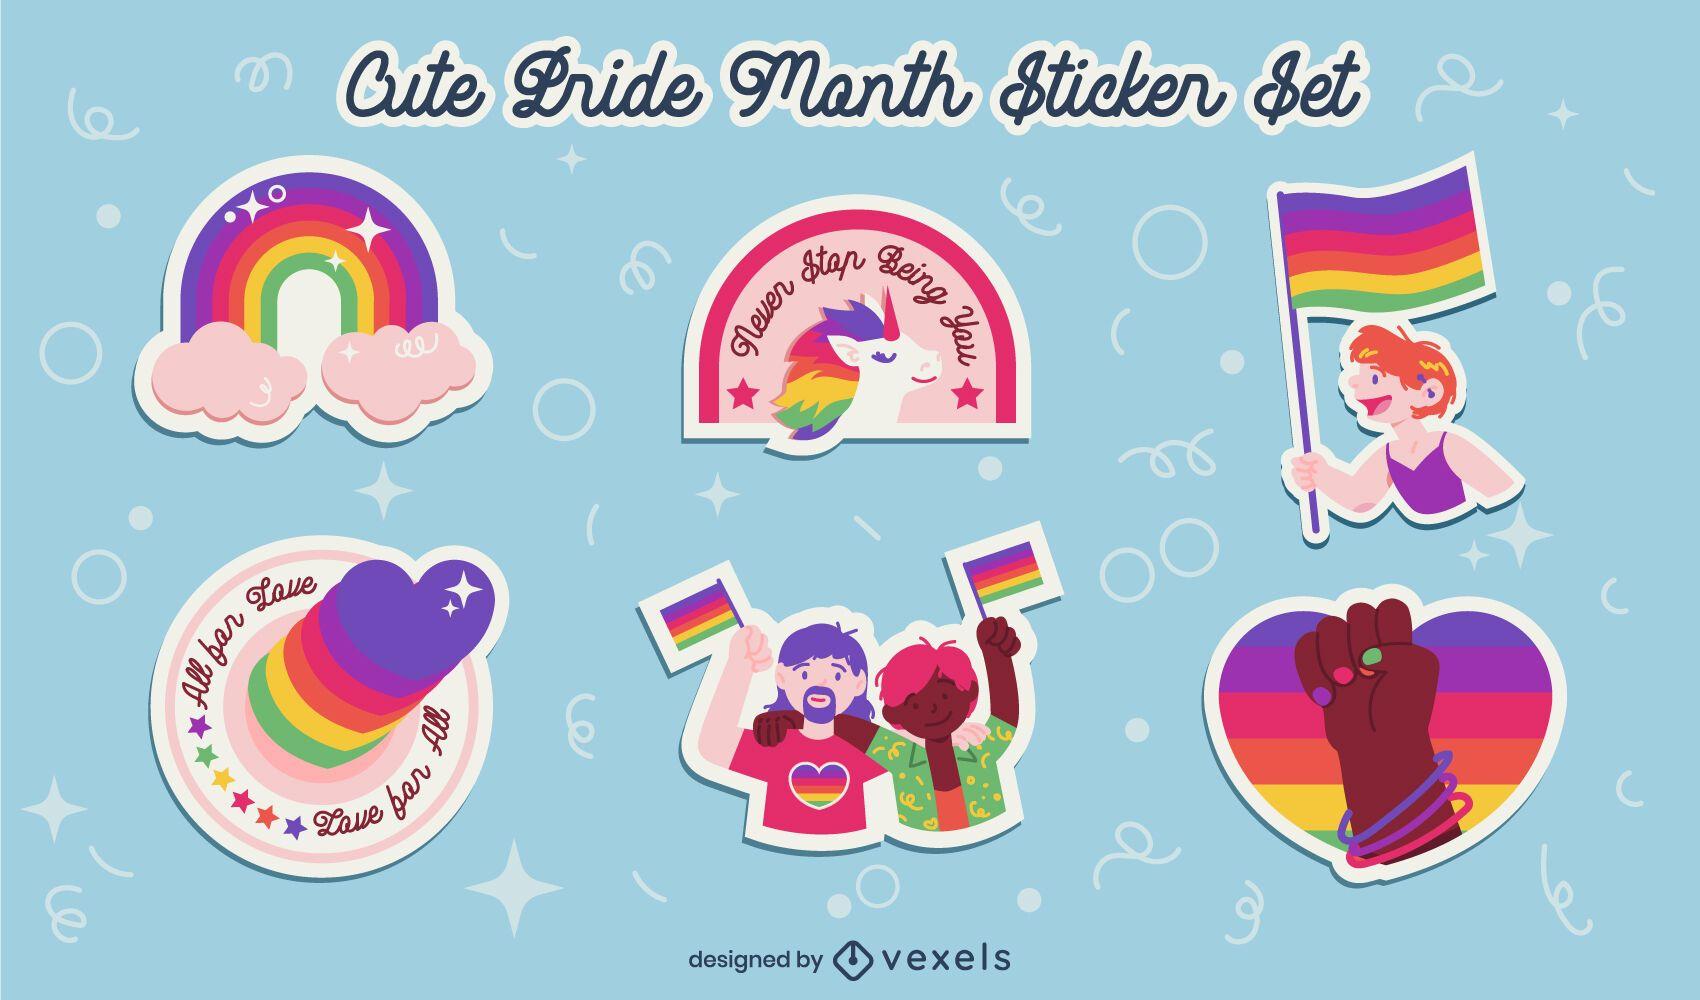 Cute pride month rainbow sticker set